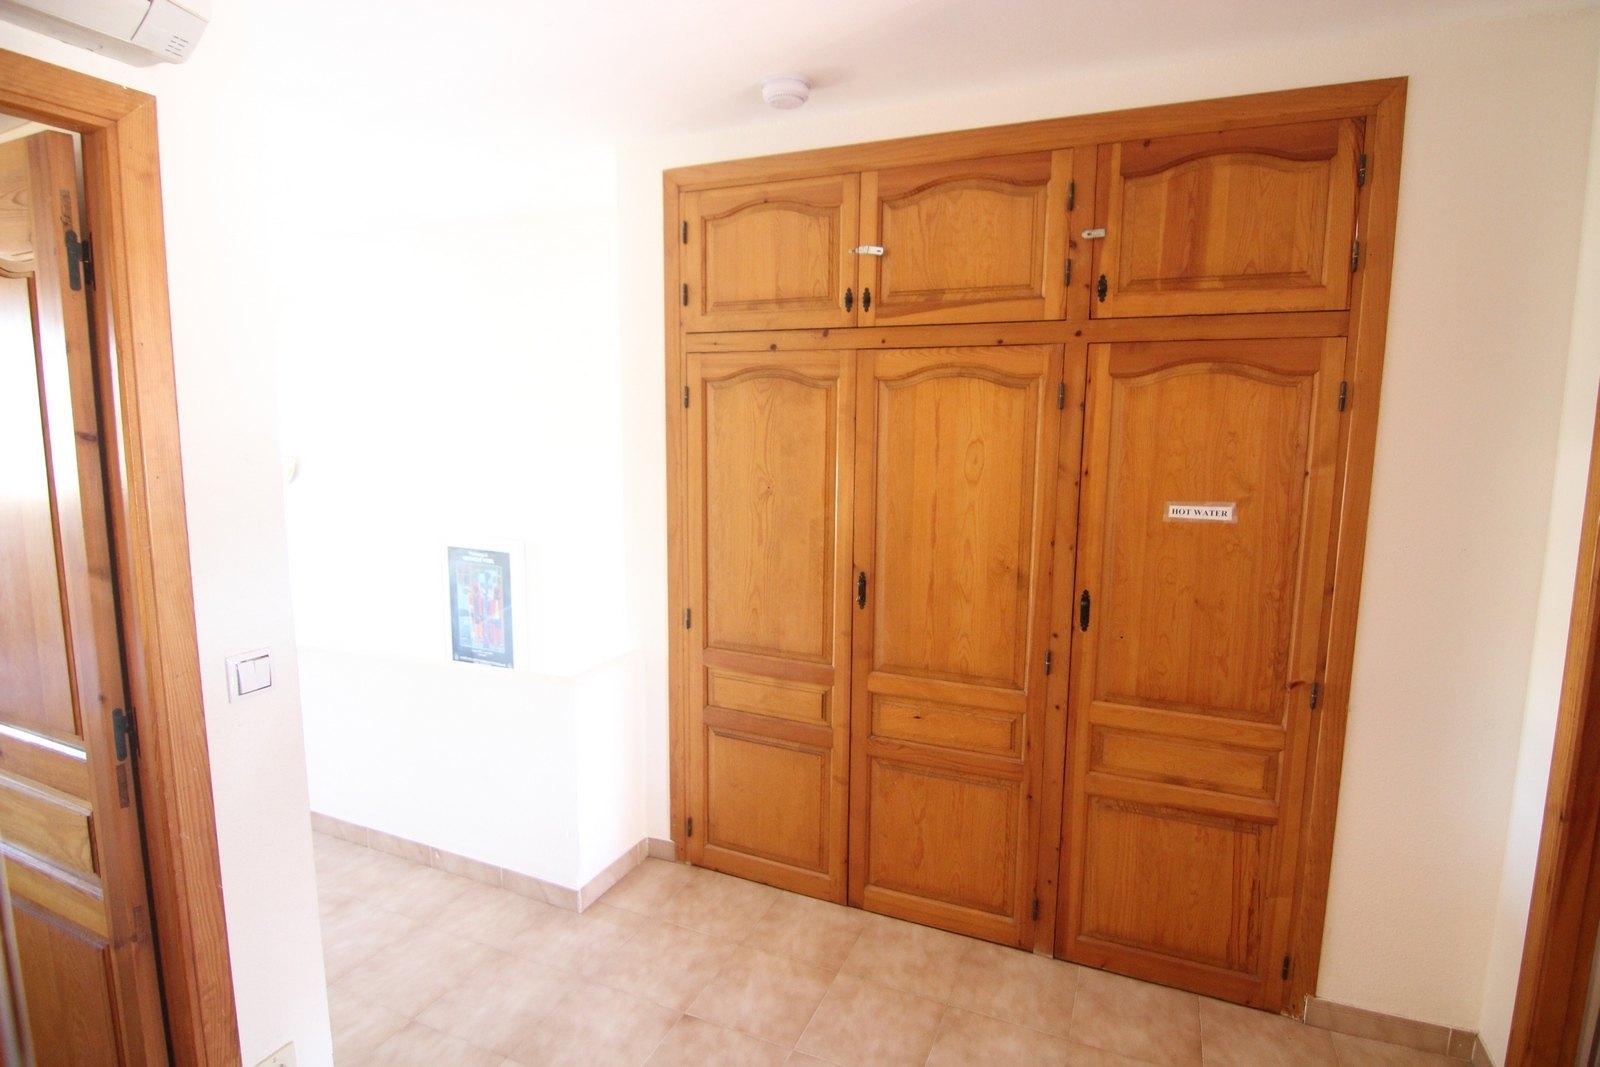 Maison de maison de maison avec piscine à vendre à Moraira.